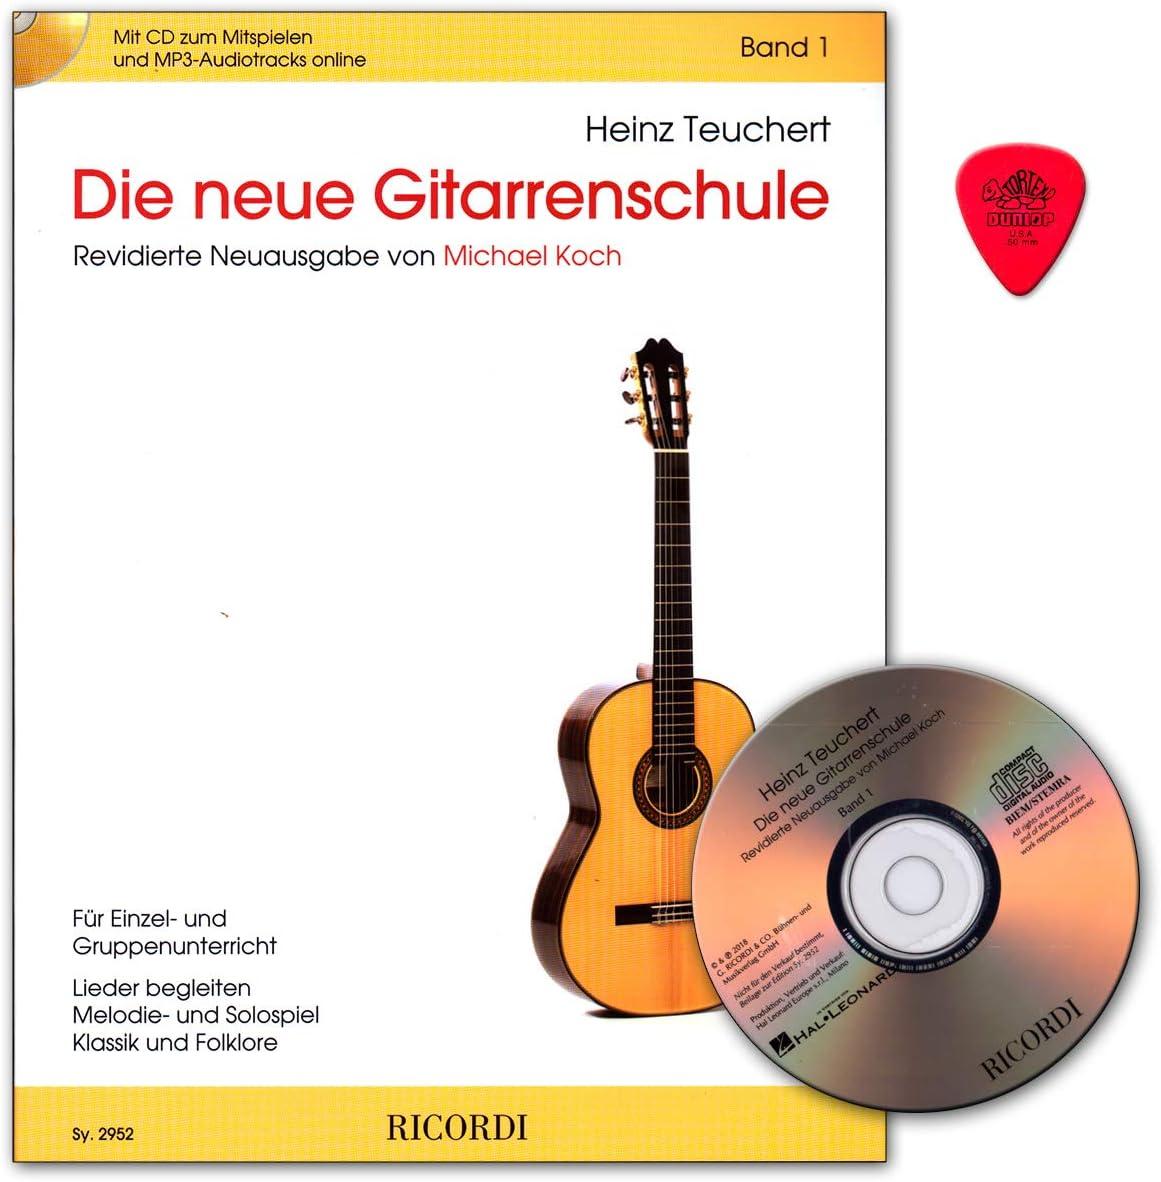 Heinz Teuchert SY2952 9790204229529 - Guitarra acústica con CD ...